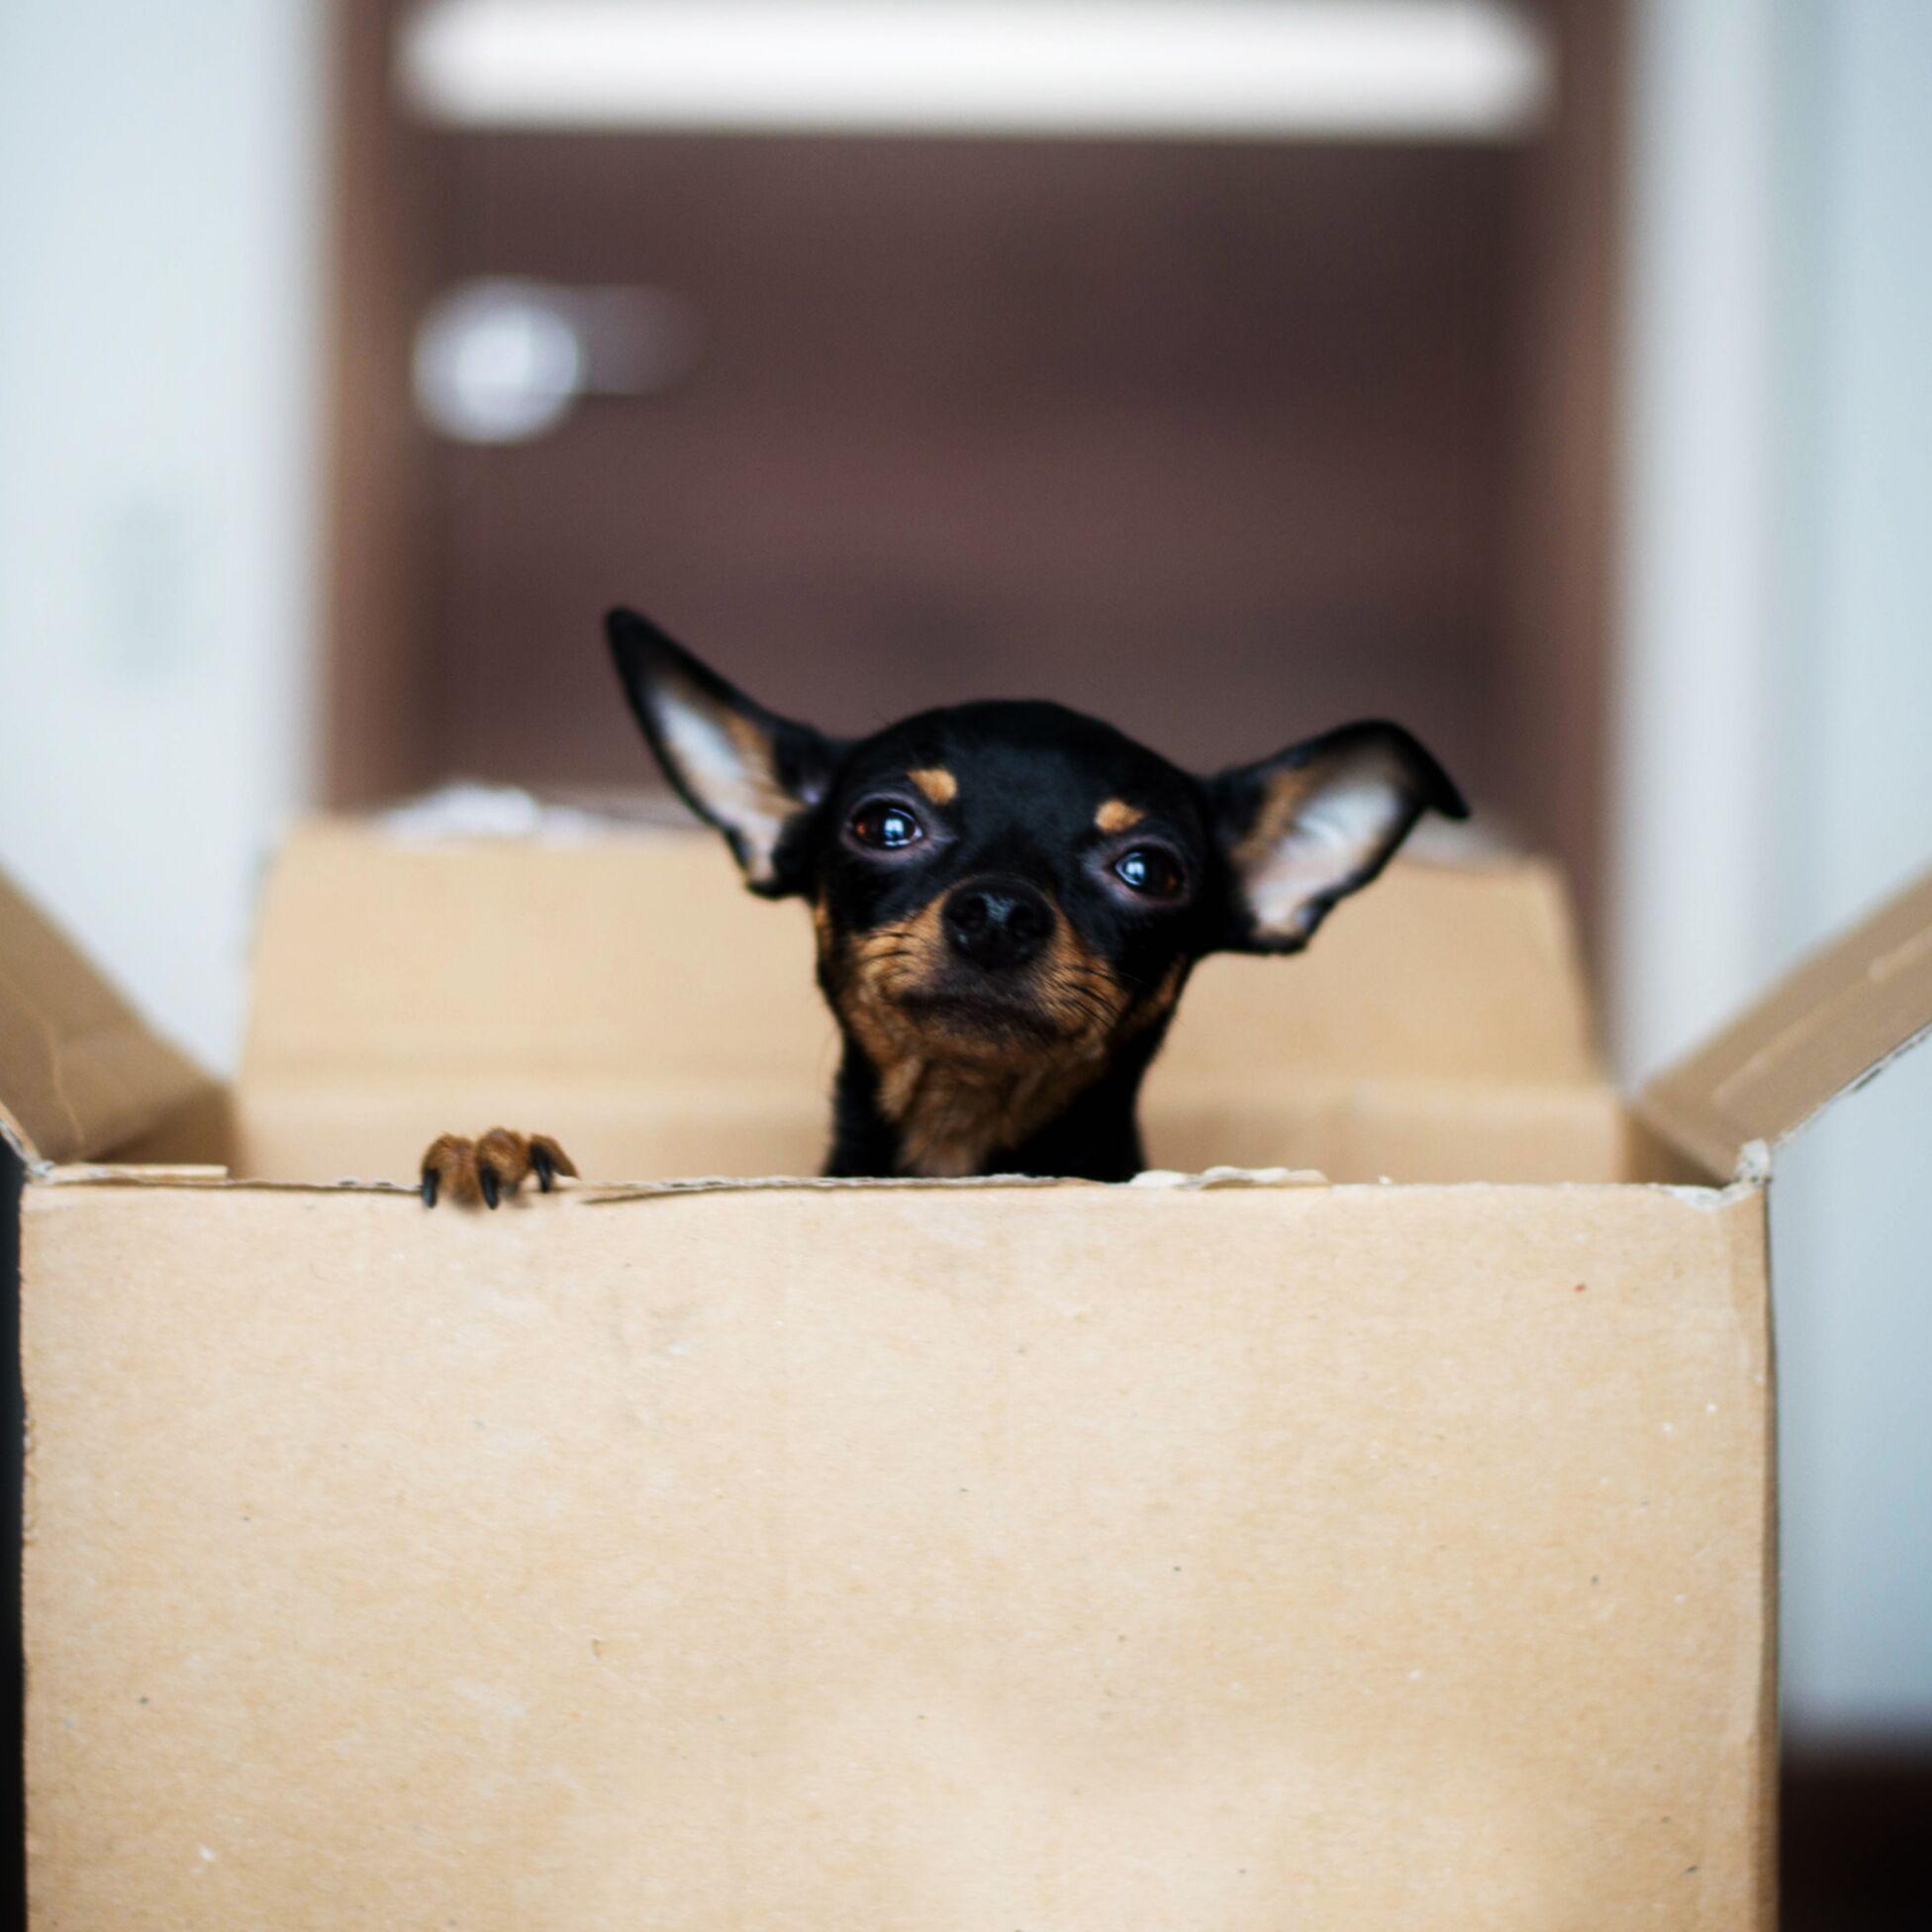 Hund guckt frech aus einem Umzugskarton